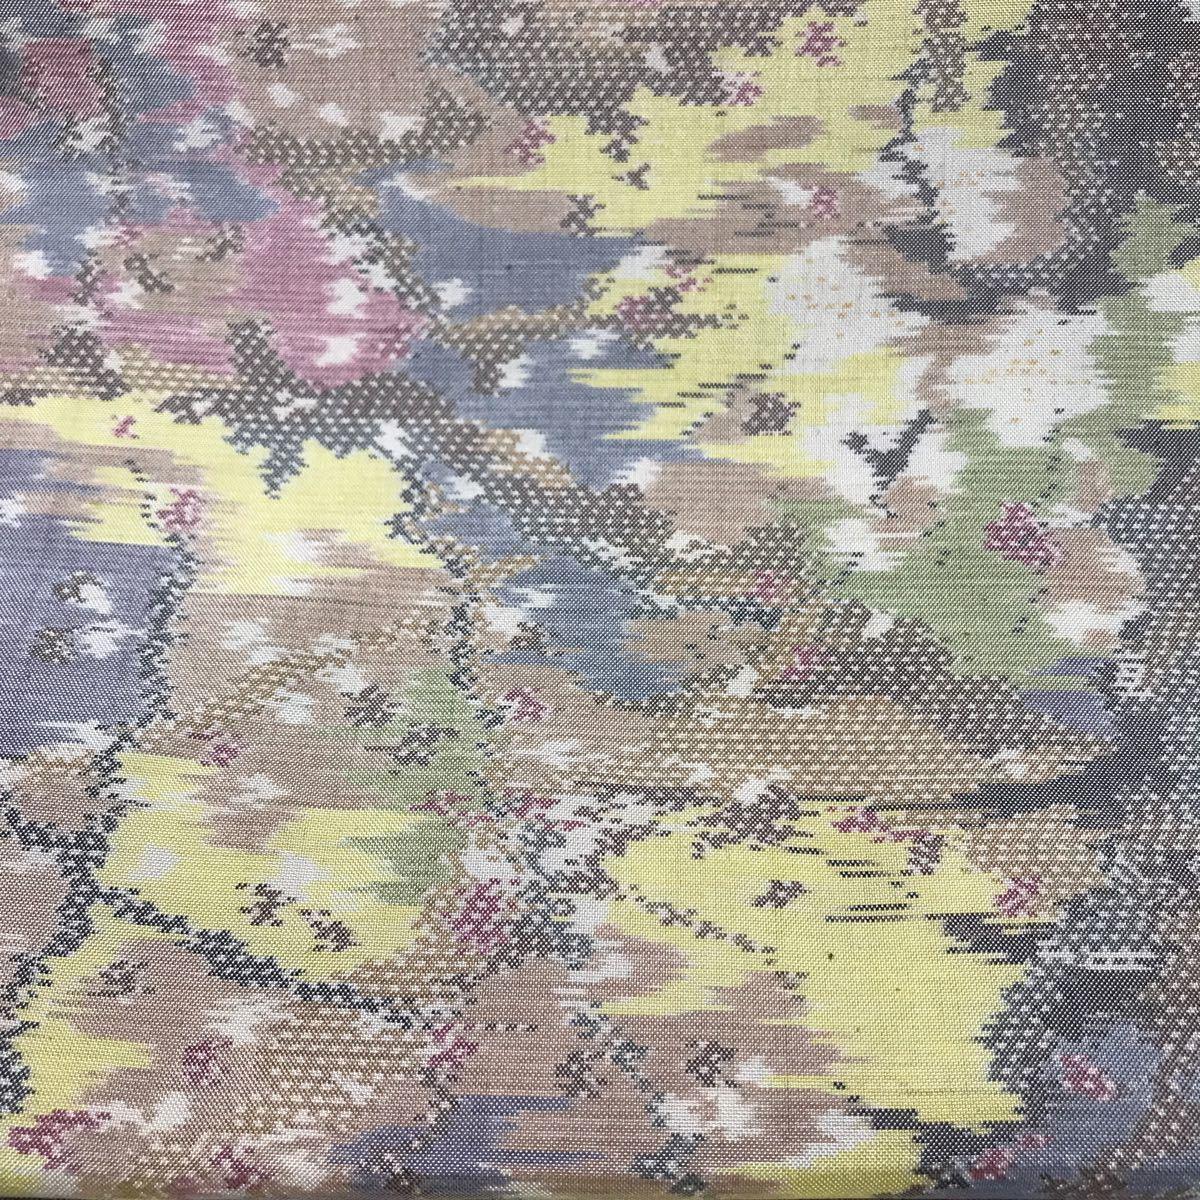 ★着物ハギレ 白大島紬抽象模様 オフホワイト★ 21 ハギレ 古布 はぎれ